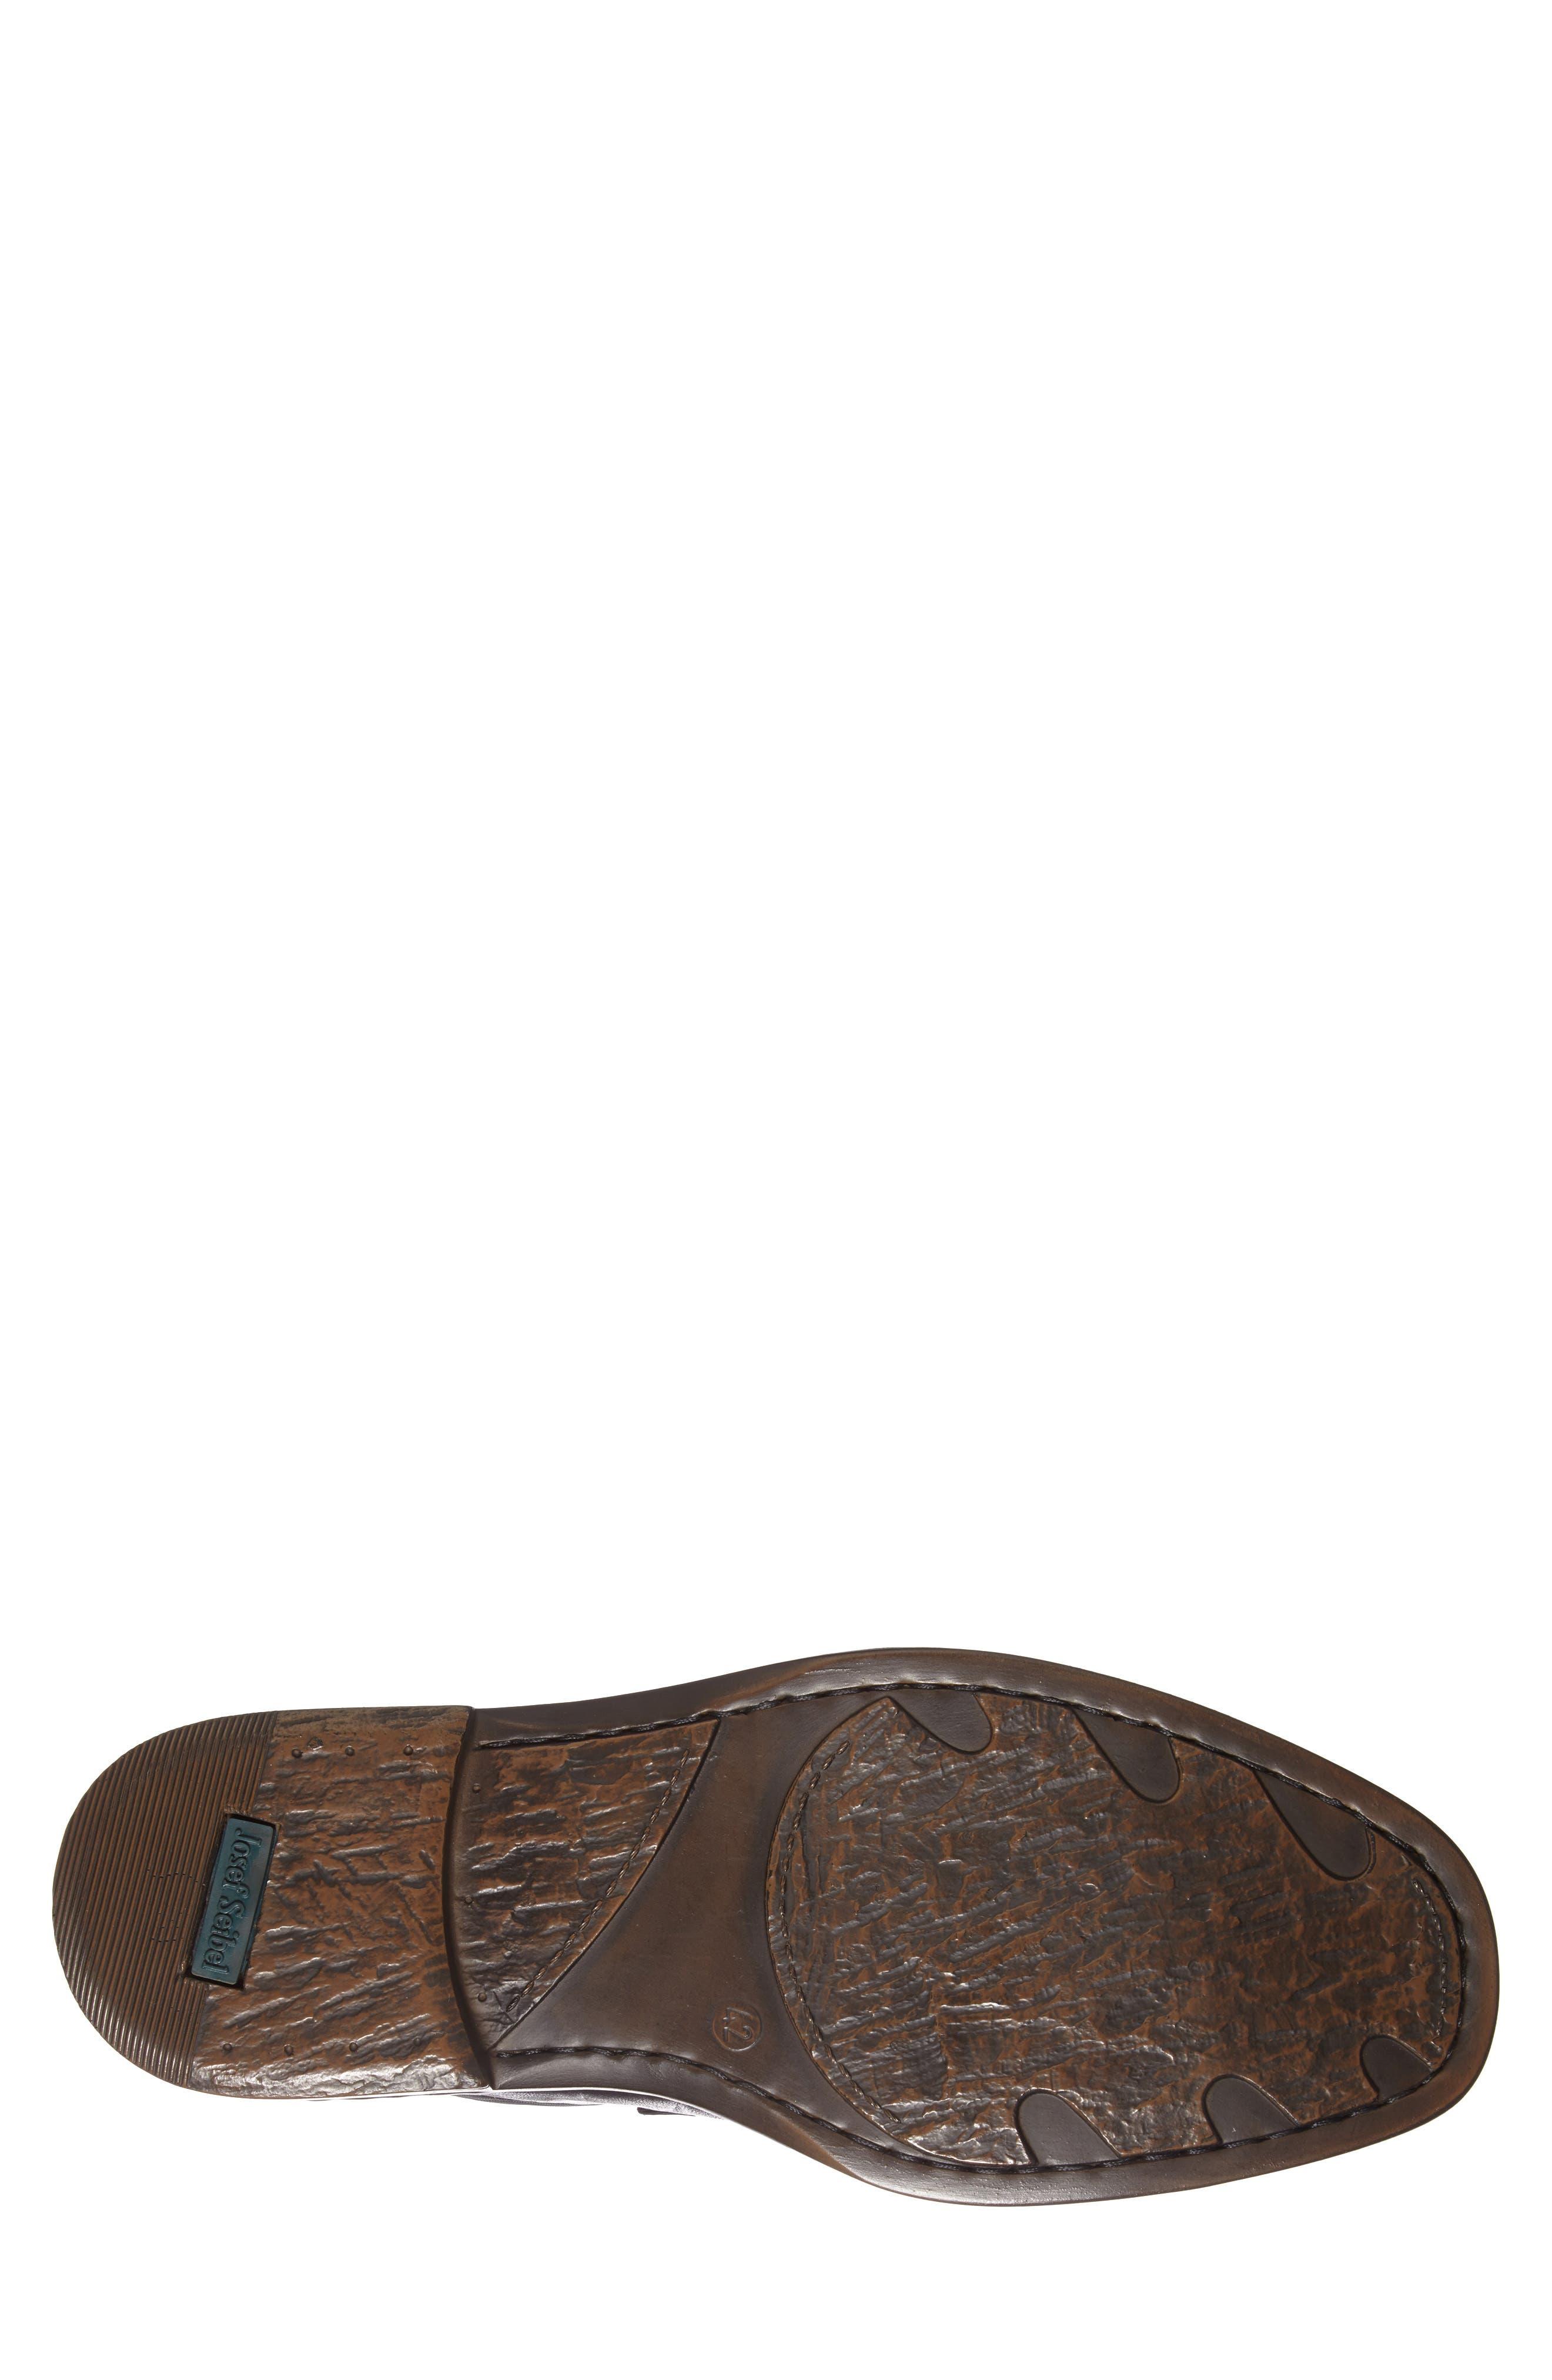 'Douglas 11' Double Monk Strap Shoe,                             Alternate thumbnail 4, color,                             BLACK